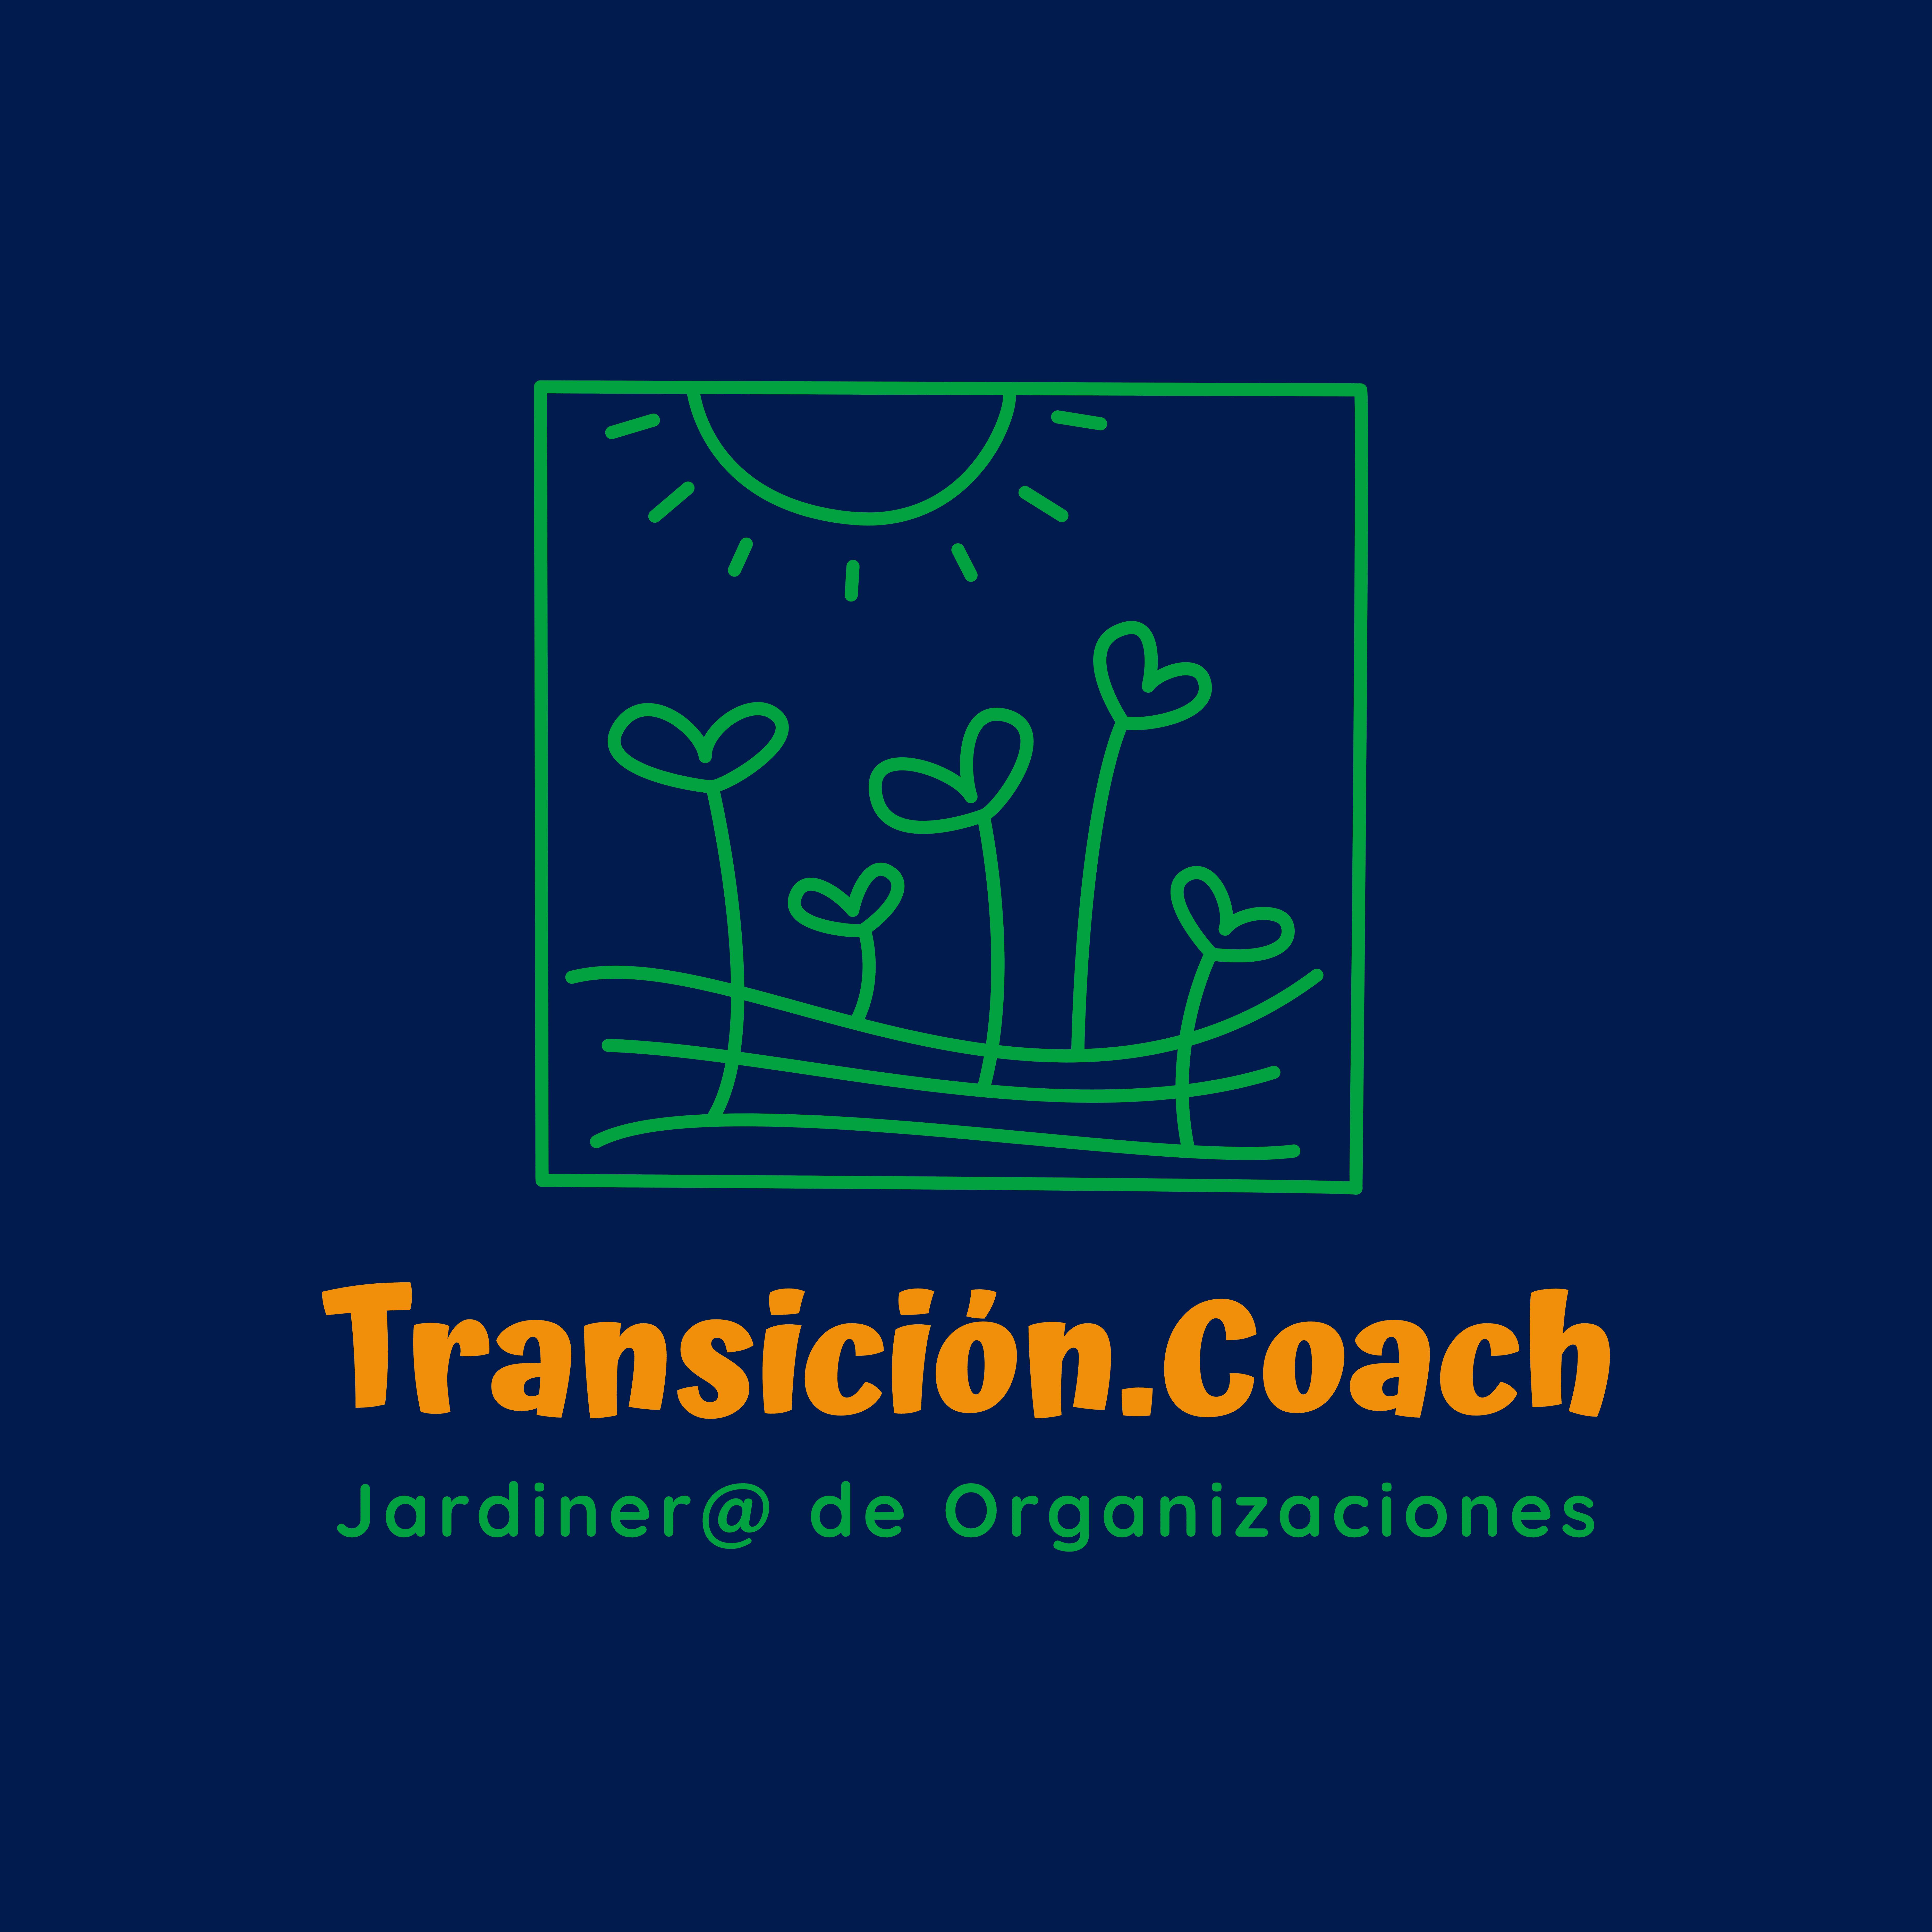 Logo de Transición.Coach